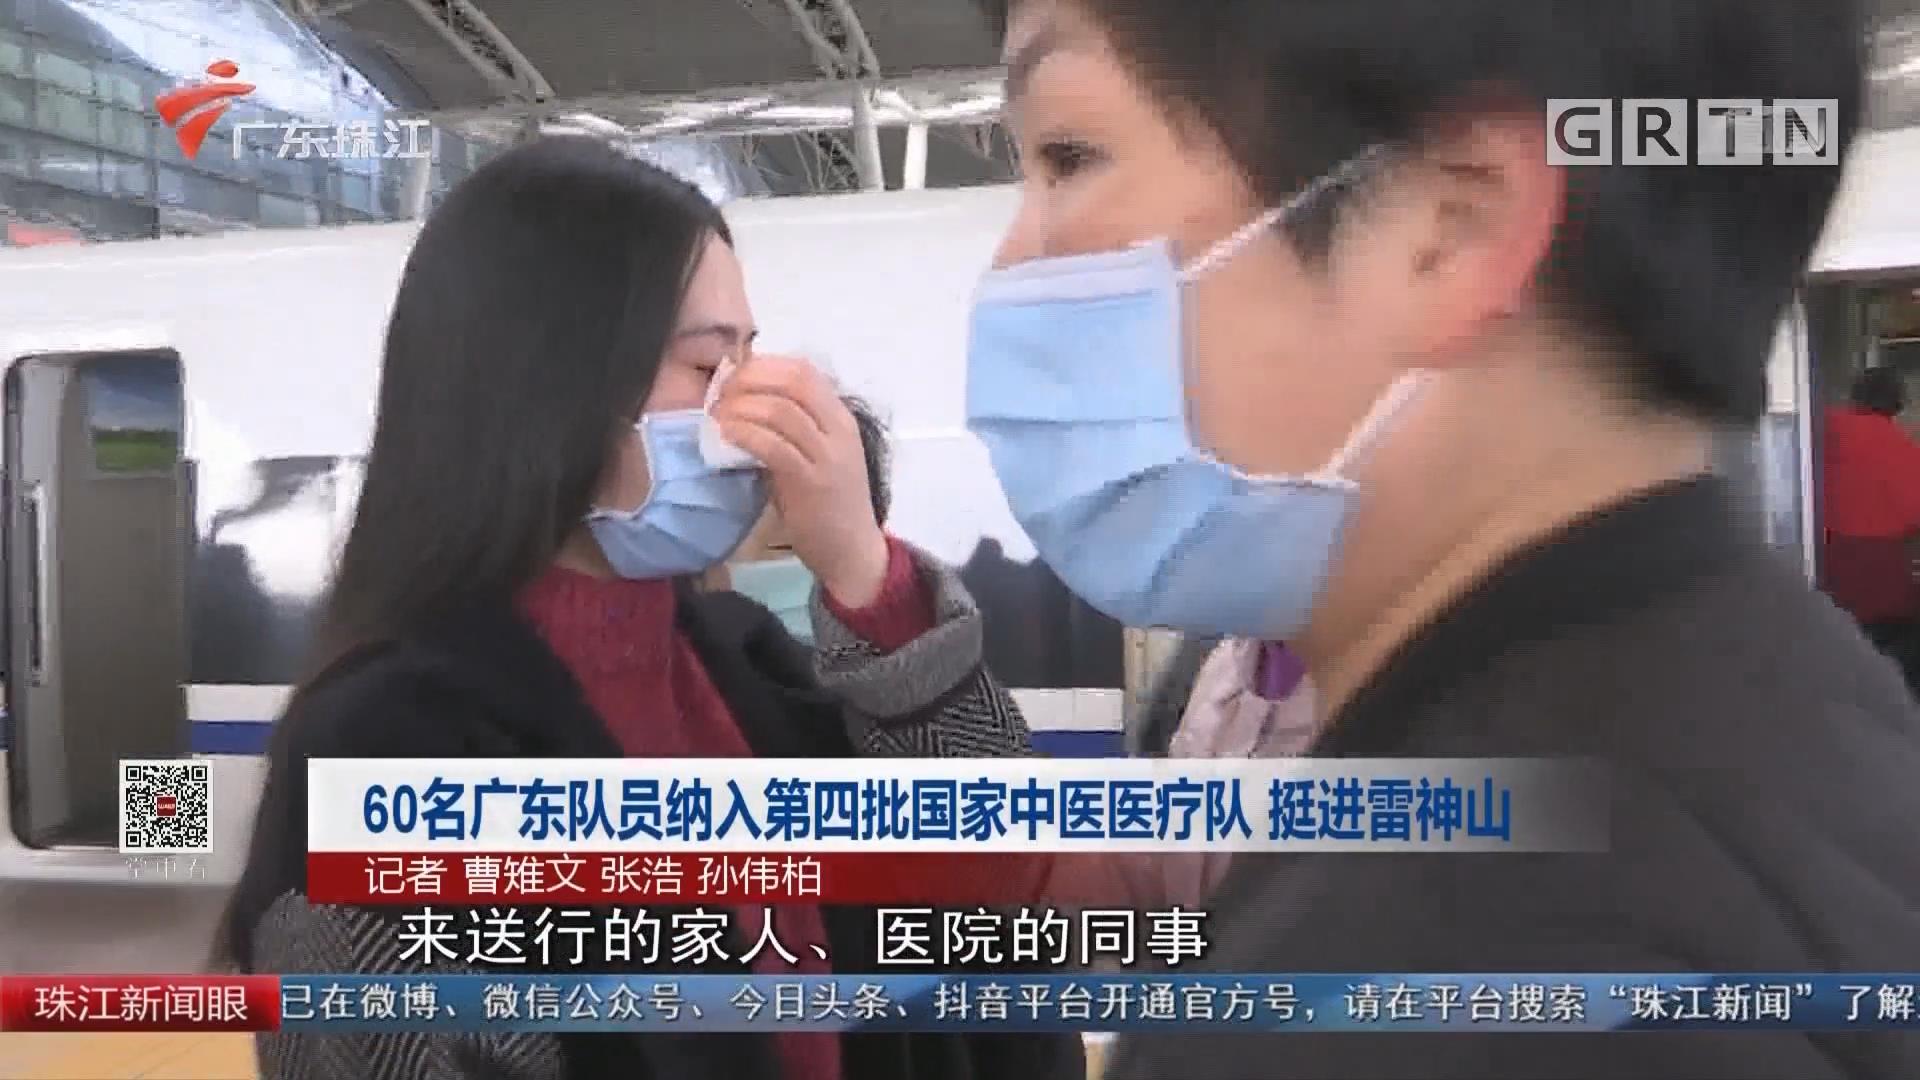 60名广东队员纳入第四批国家中医医疗队 挺进雷神山